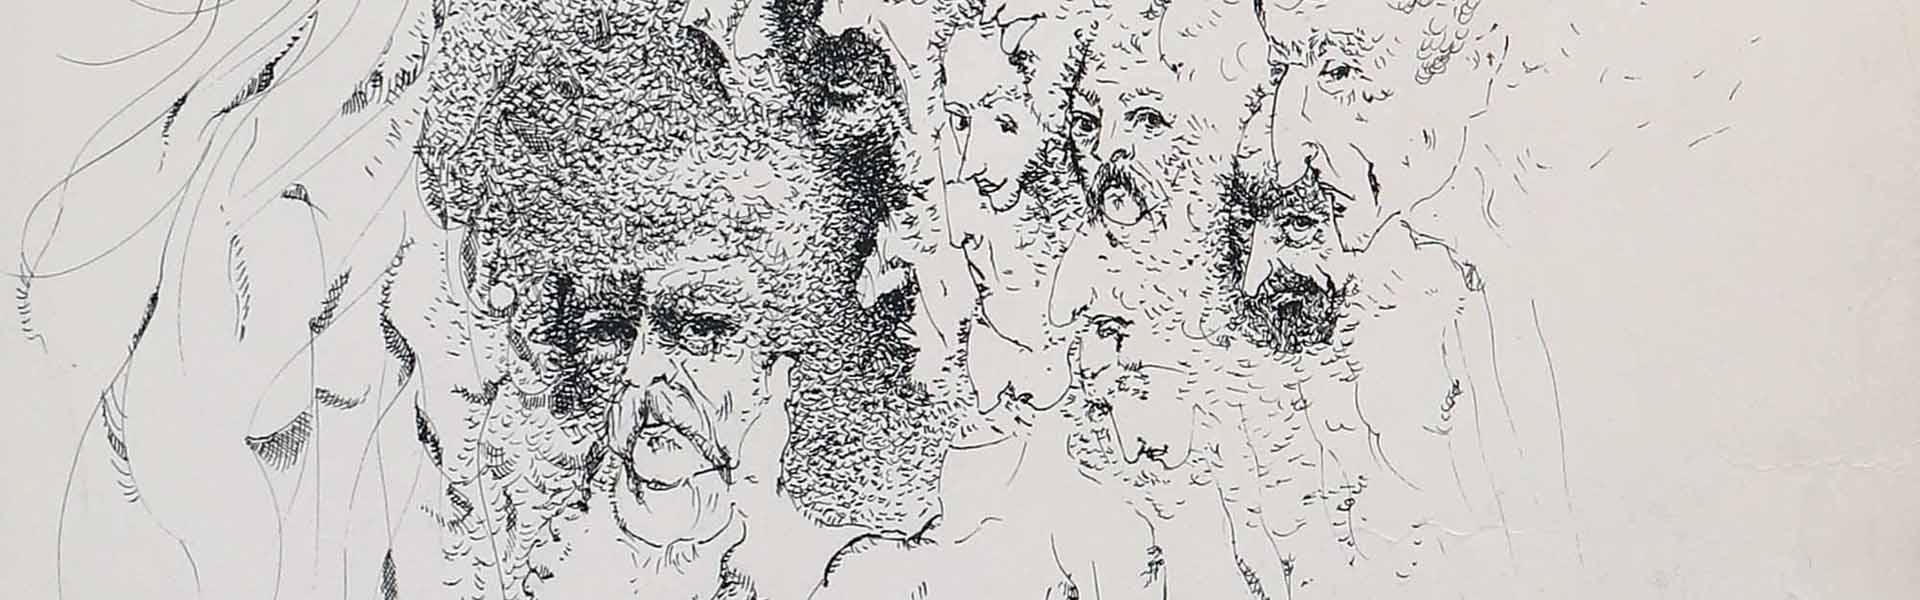 نمایشگاه آثار قلمی نقاشی طراحی راون نویس حشمت اله بهزادی در گالری دیدار the quill artwork exhibition heshmat ollah behzadi painting pen draw the riot of memories آشوب یادها